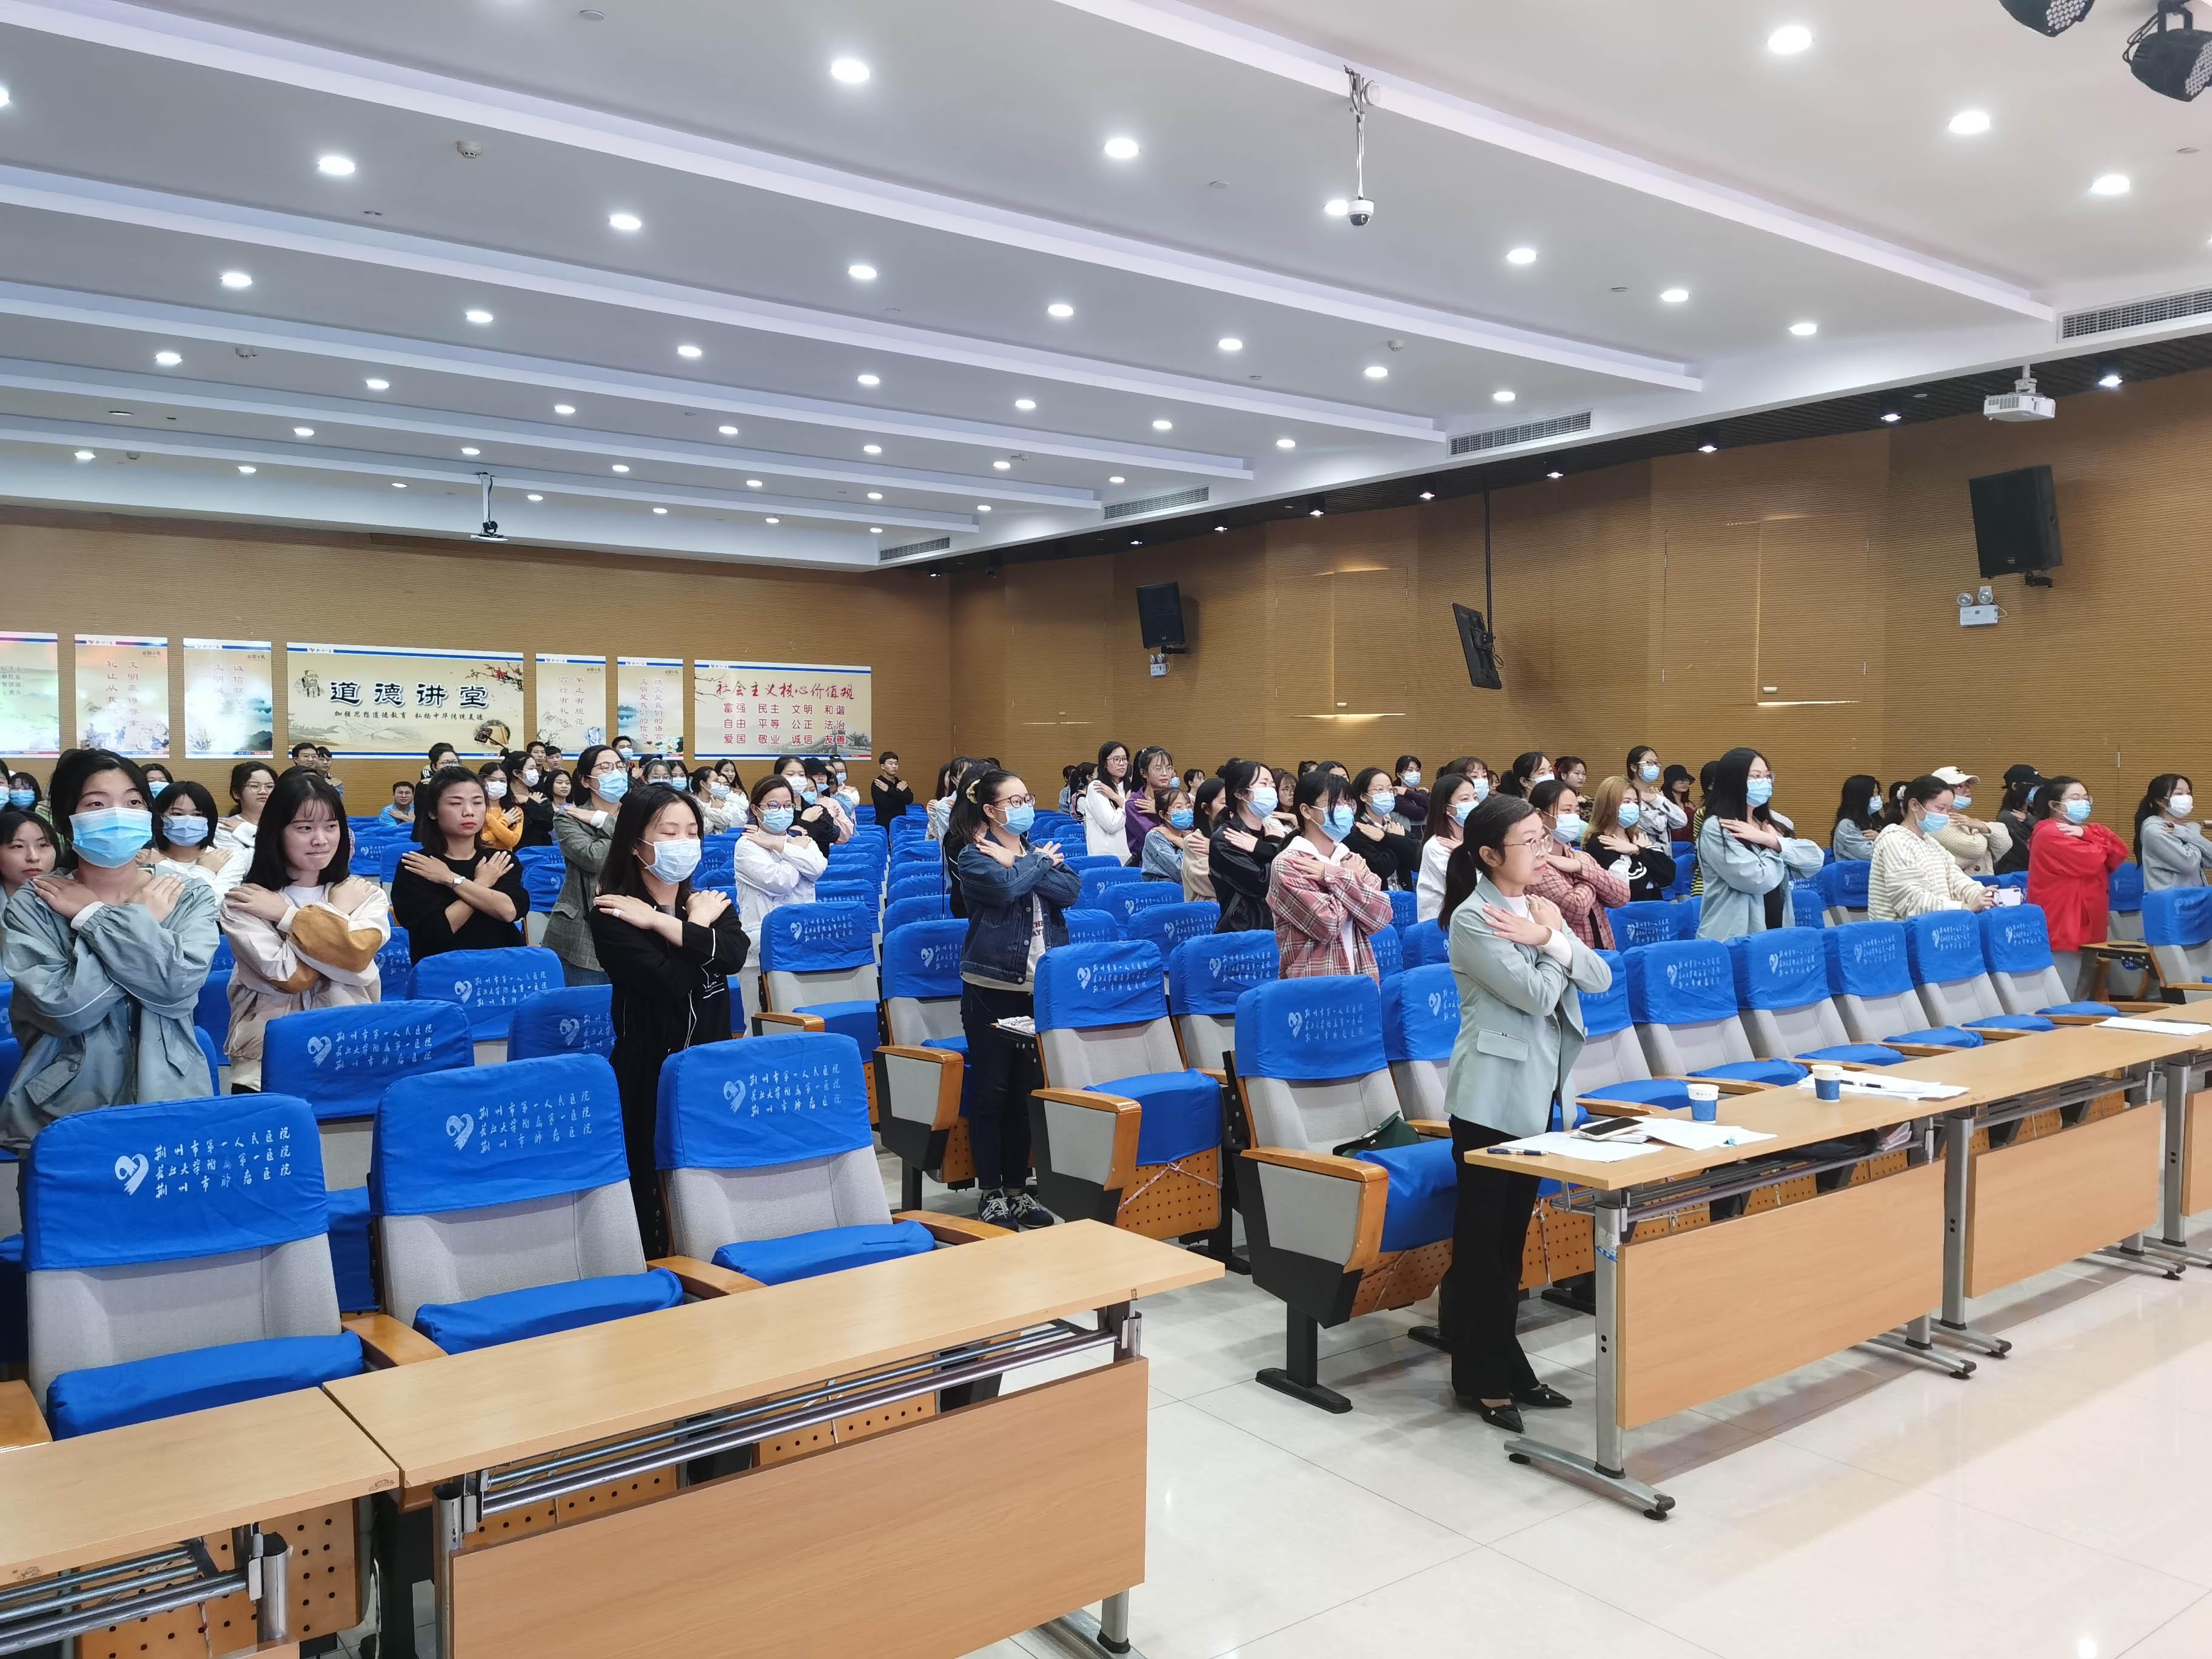 贵阳职校开展心理健康教育活动